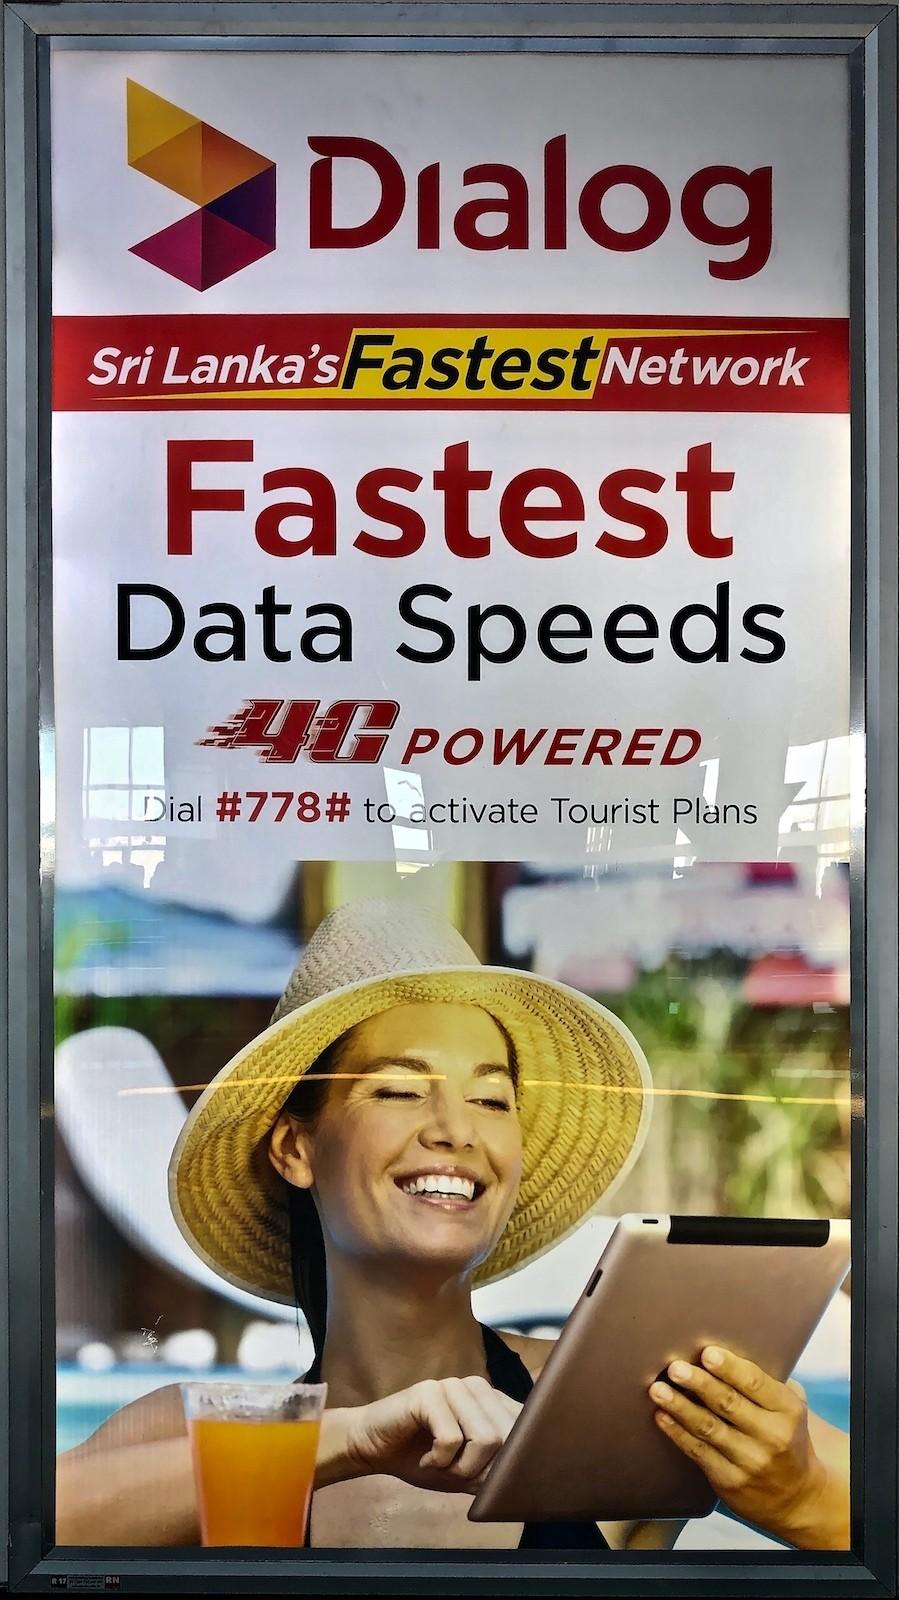 Ein lokaler Provider bewirbt 4G Internet